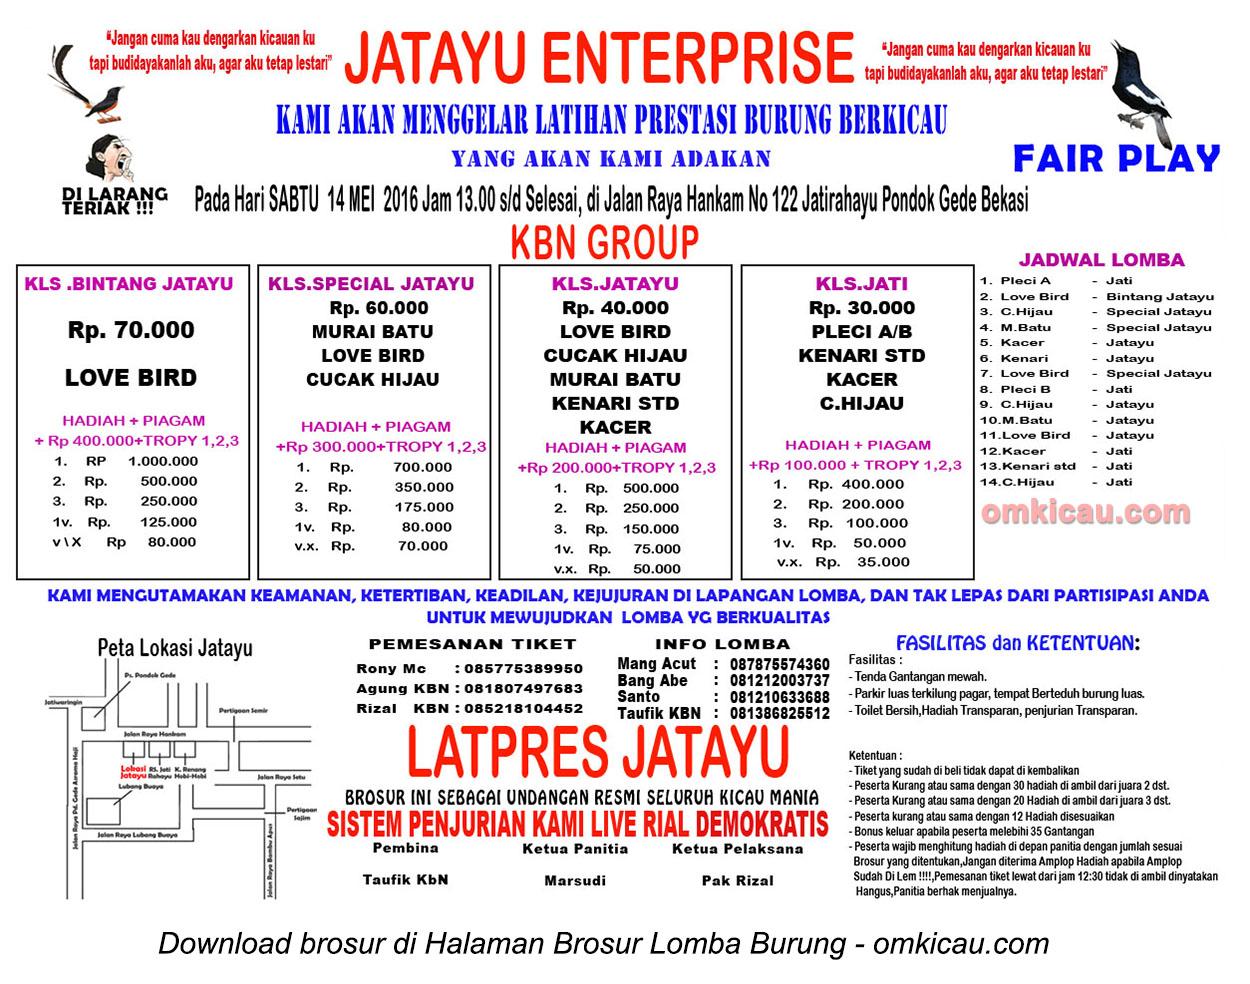 Brosur Latpres Burung Berkicau Jatayu Enterprise, Bekasi, 14 Mei 2016